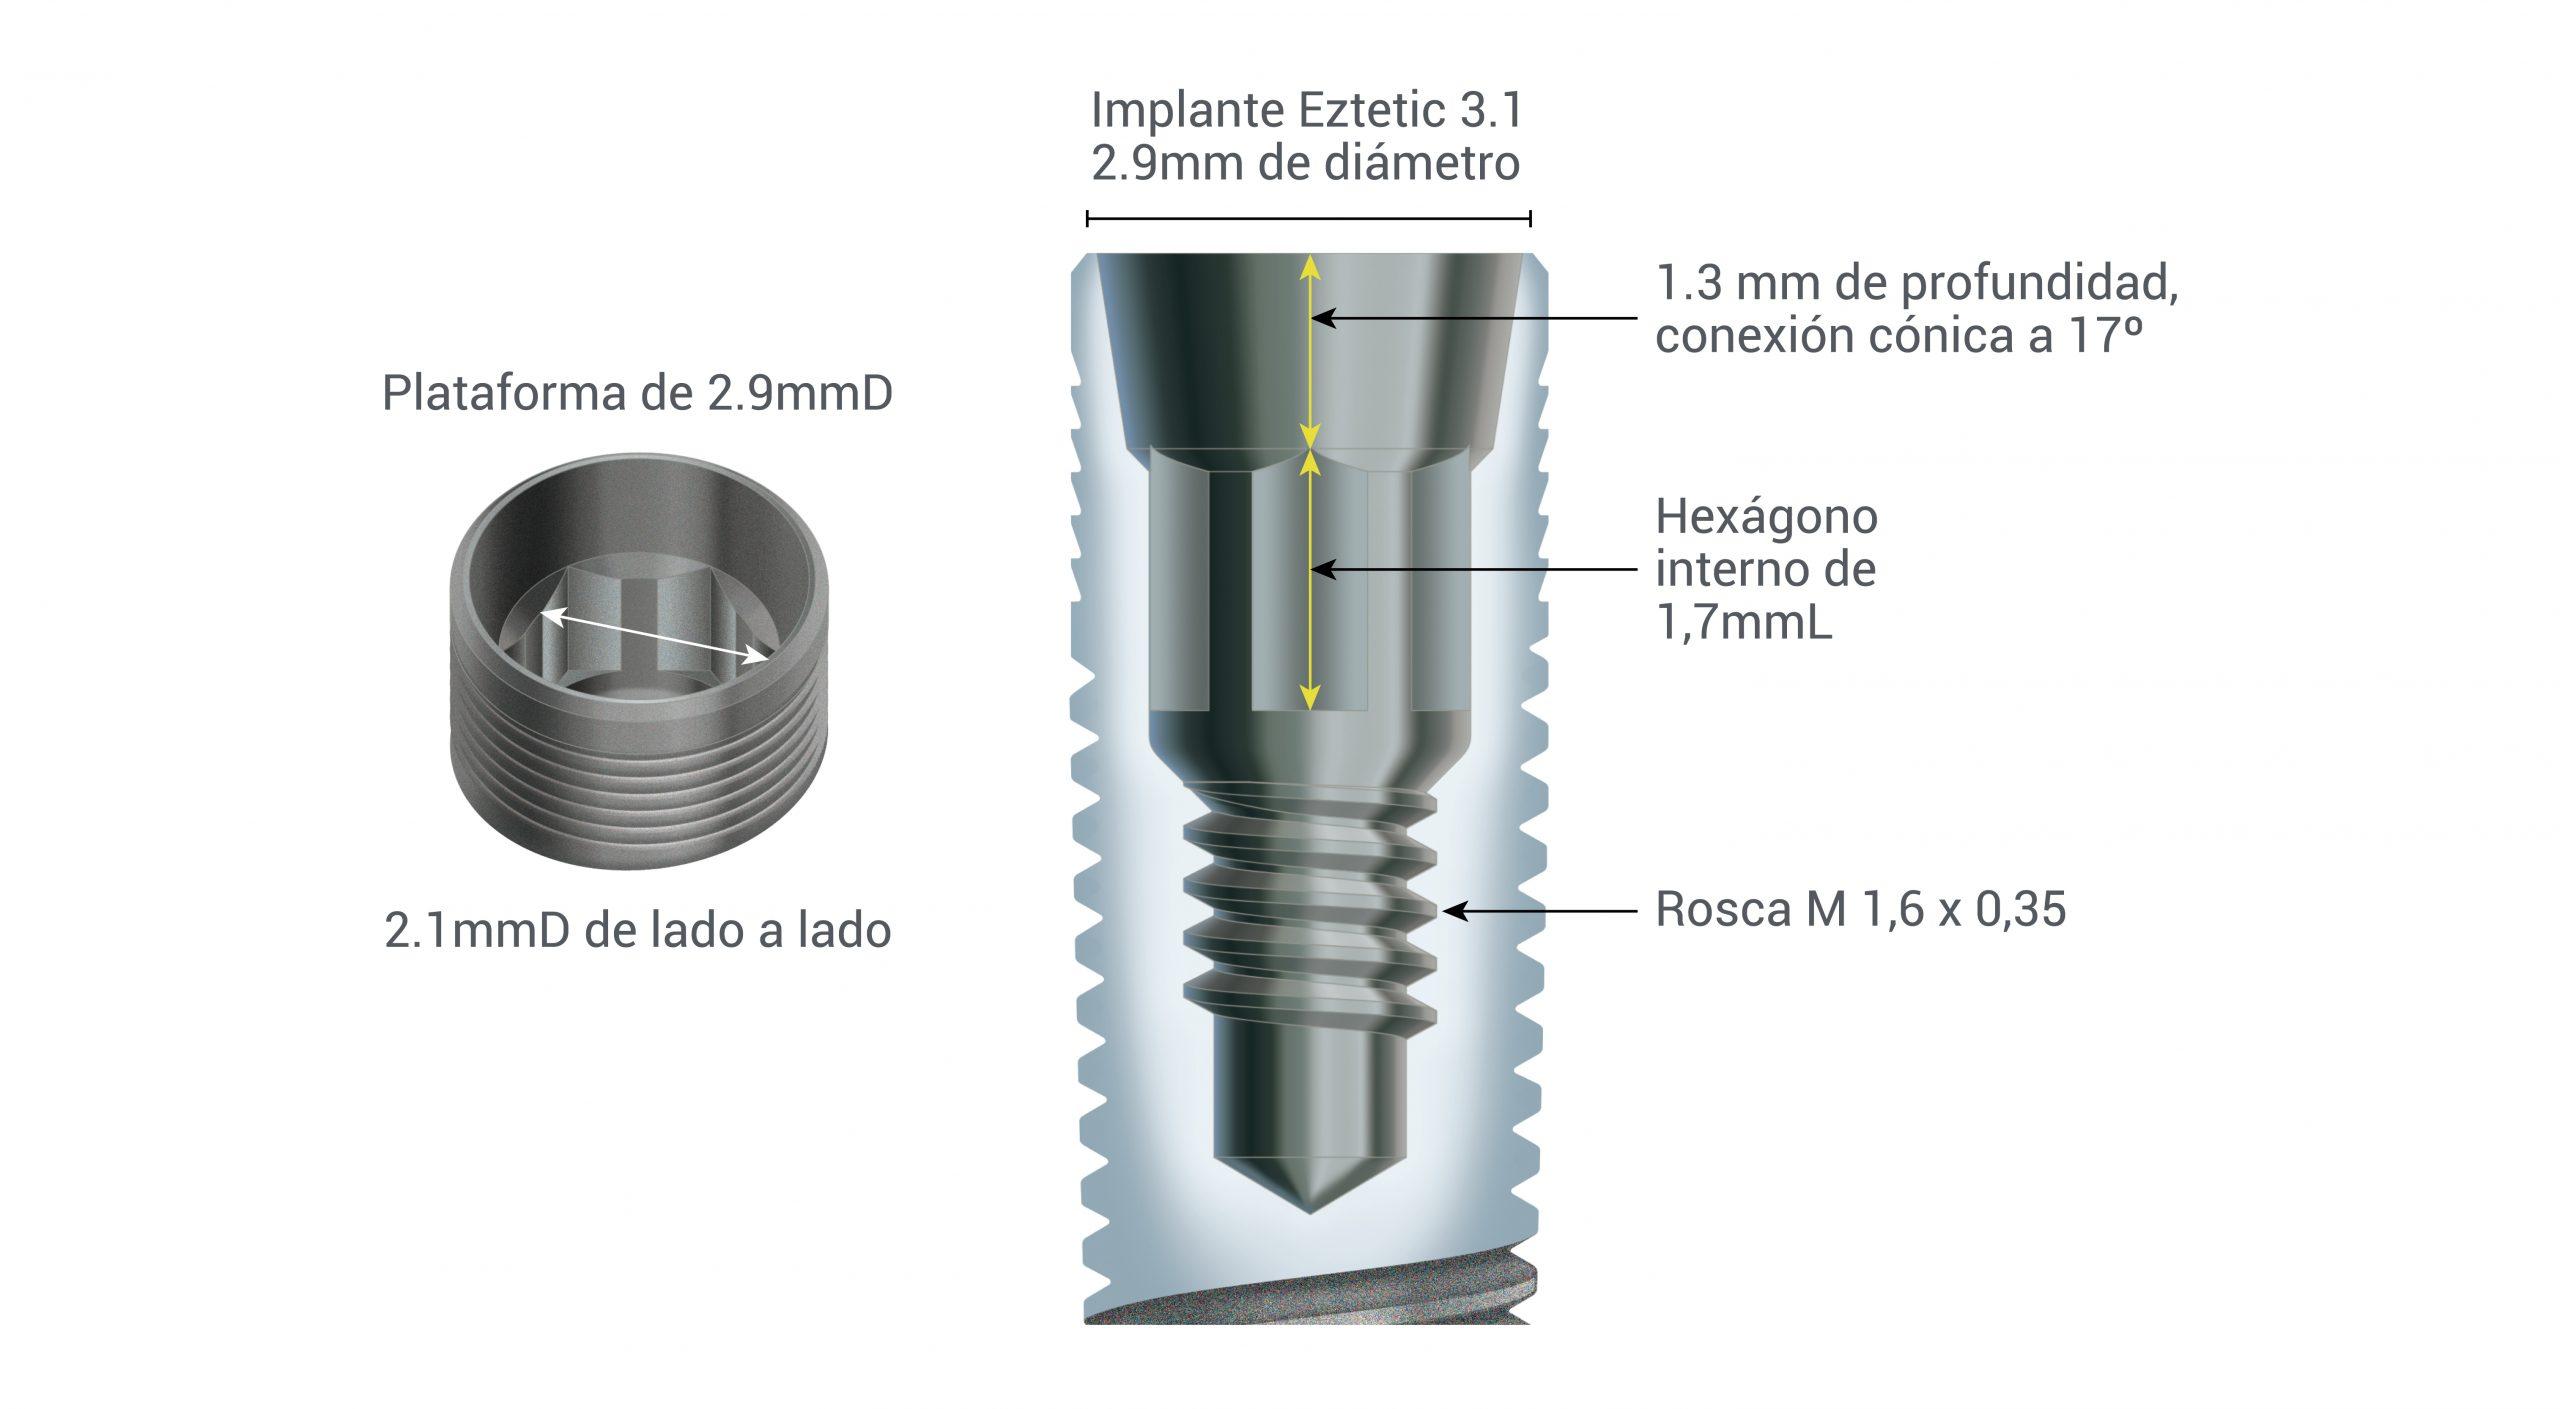 Conexión Cónica y Platform Switching del Implante Dental Eztetic